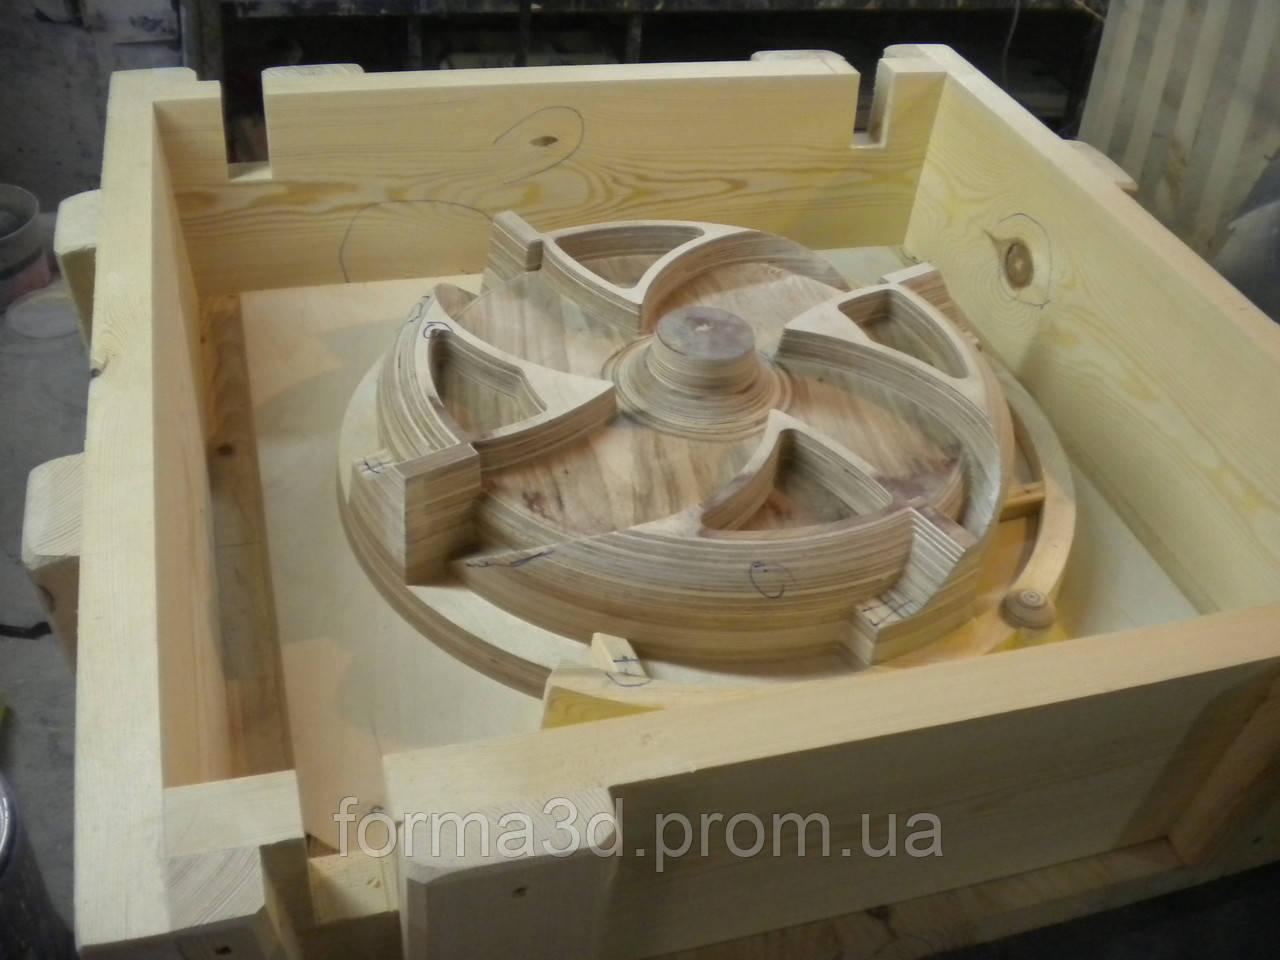 изготовление модельной оснастки для литейного производства в украине